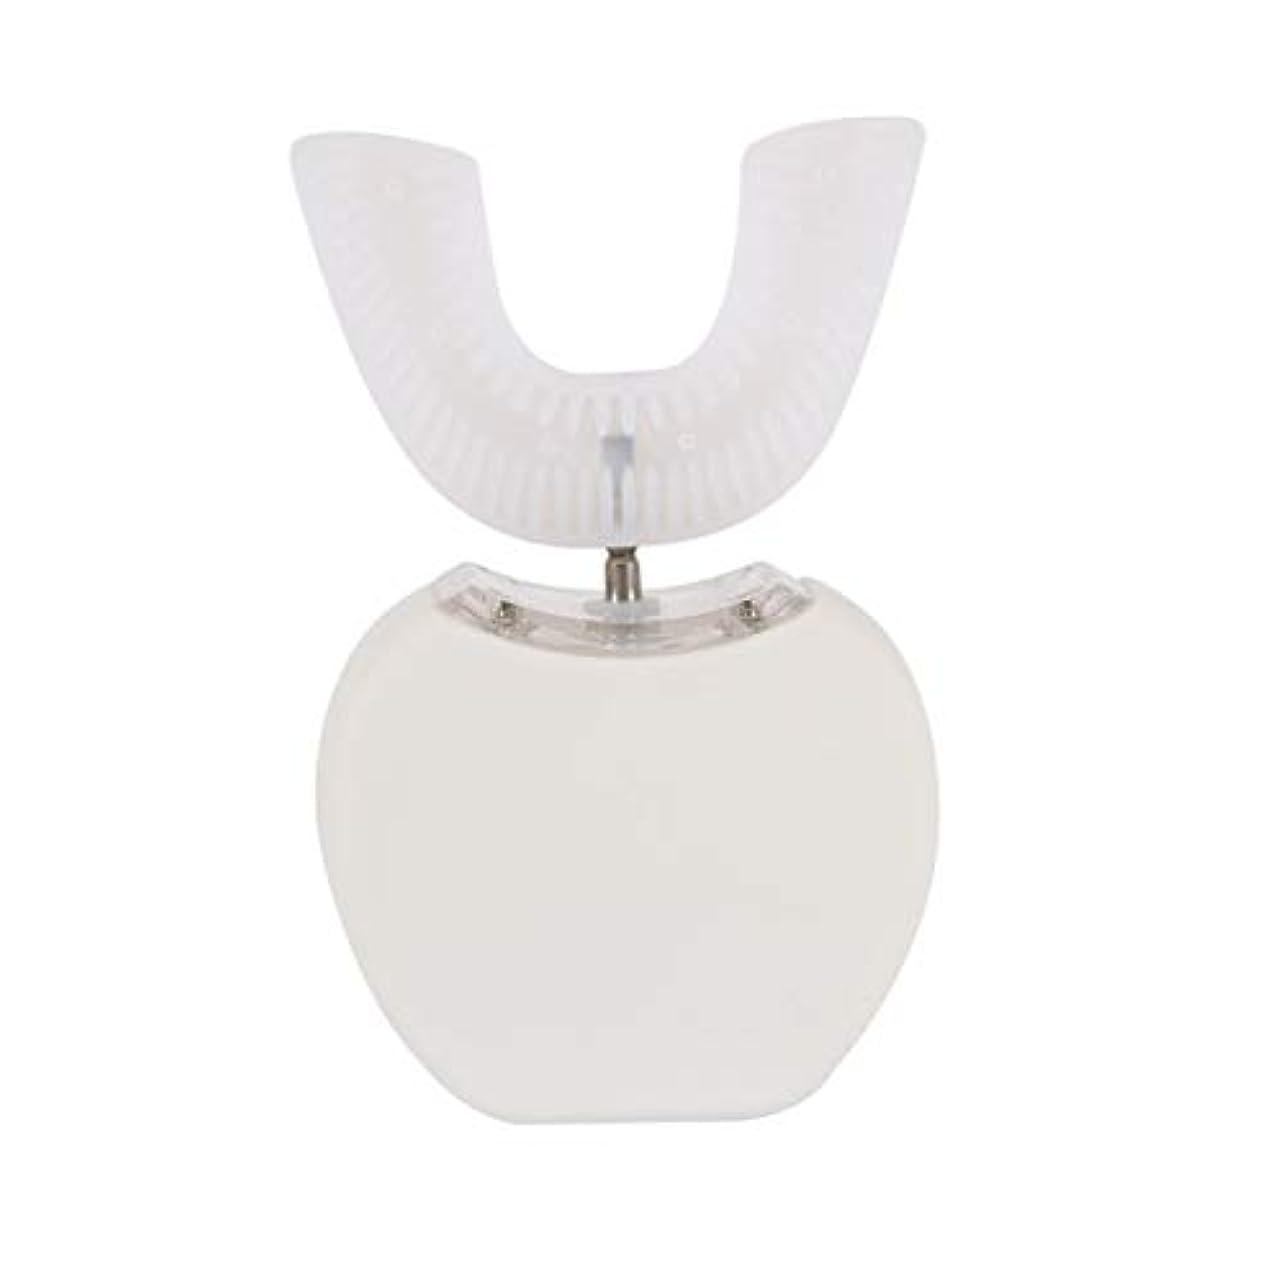 保険をかける先覗く360°ワイヤレス充電怠惰な自動ソニックシリコーン電動歯ブラシ - ホワイト